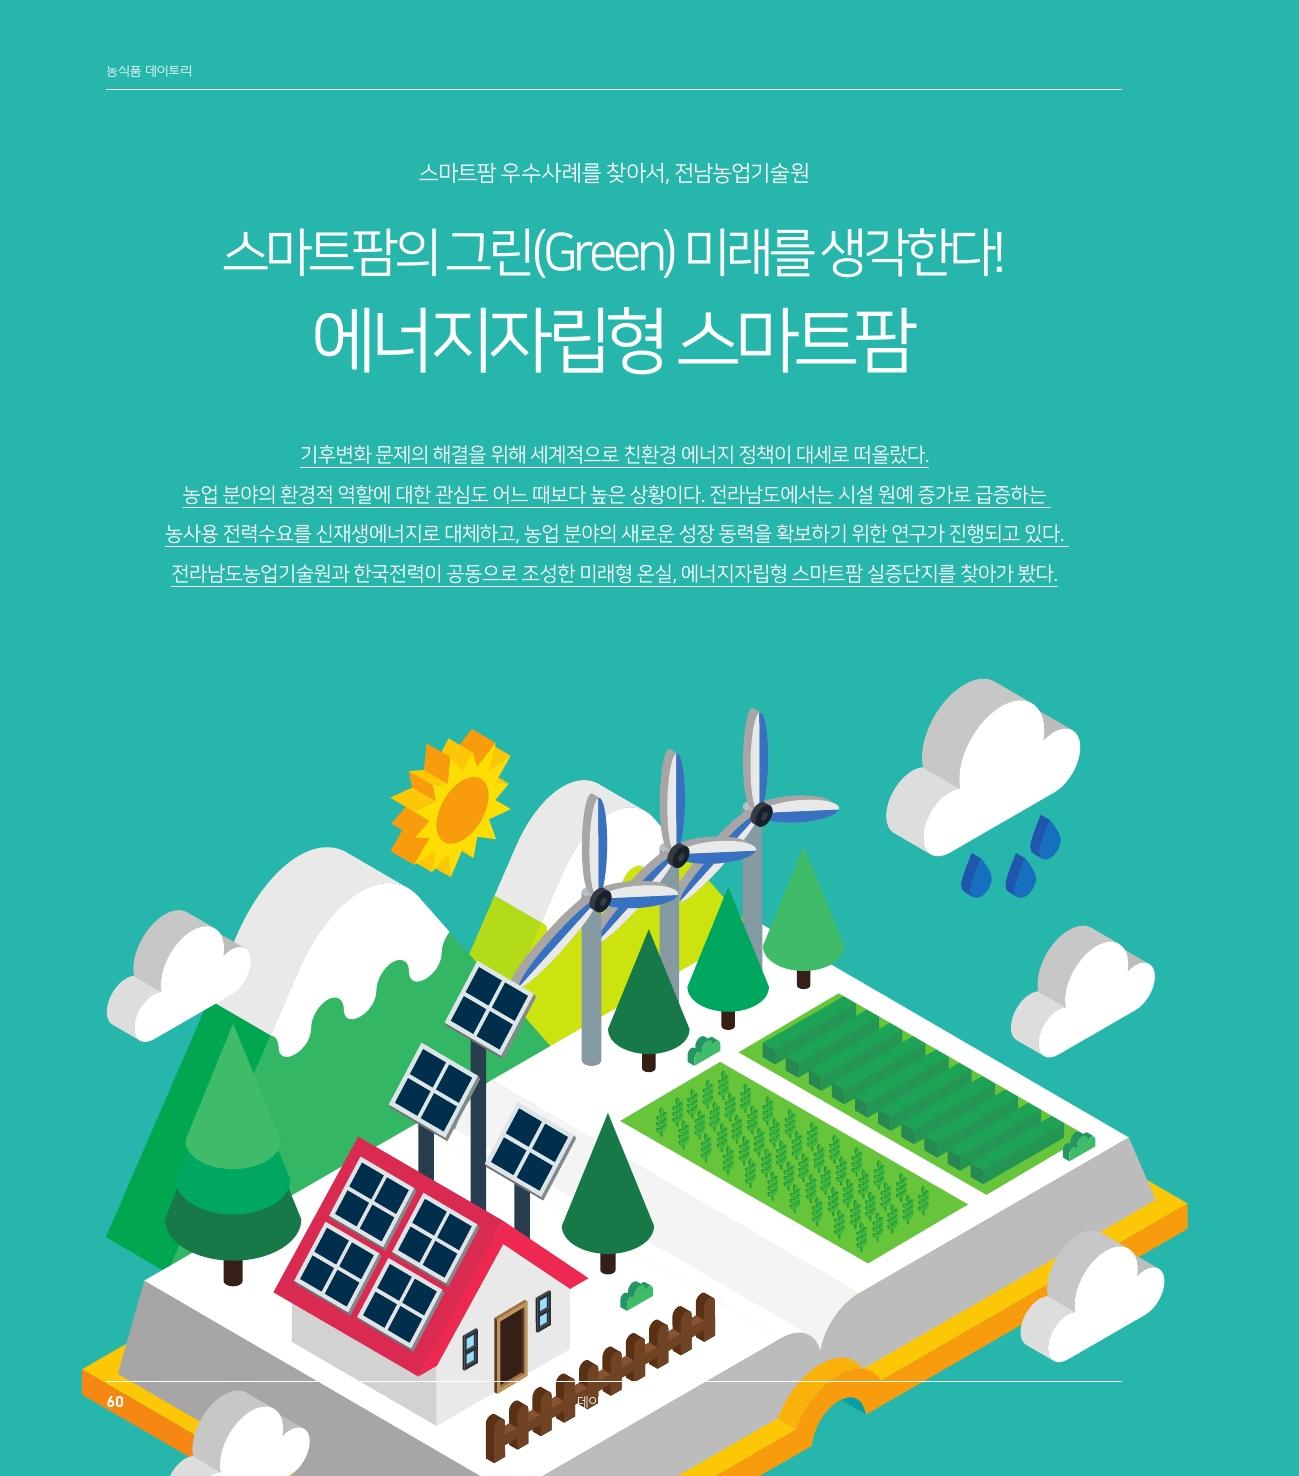 농식품 데이토리-스마트팜 우수사례를 찾아서, 전남농업기술원, 스마트팜의 그린(Green) 미래를 생각한다! 에너지자립형 스마트팜, 기후변화 문제의 해결을 위해 세계적으로 친환경 에너지 정책이 대세로 떠올랐다. 농업 분야의 환경적 역할에 대한 관심도 어느 때보다 높은 상황이다. 전라남도에서는 시설 원예 증가로 급증하는 농사용 전력수요를 신재생에너지로 대체하고, 농업 분야의 새로운 성장 동력을 확보하기 위한 연구가 진행되고 있다. 전라남도농업기술원과 한국전력이 공동으로 조성한 미래형 온실, 에너지자립형 스마트팜 실증단지를 찾아가 봤다. 60